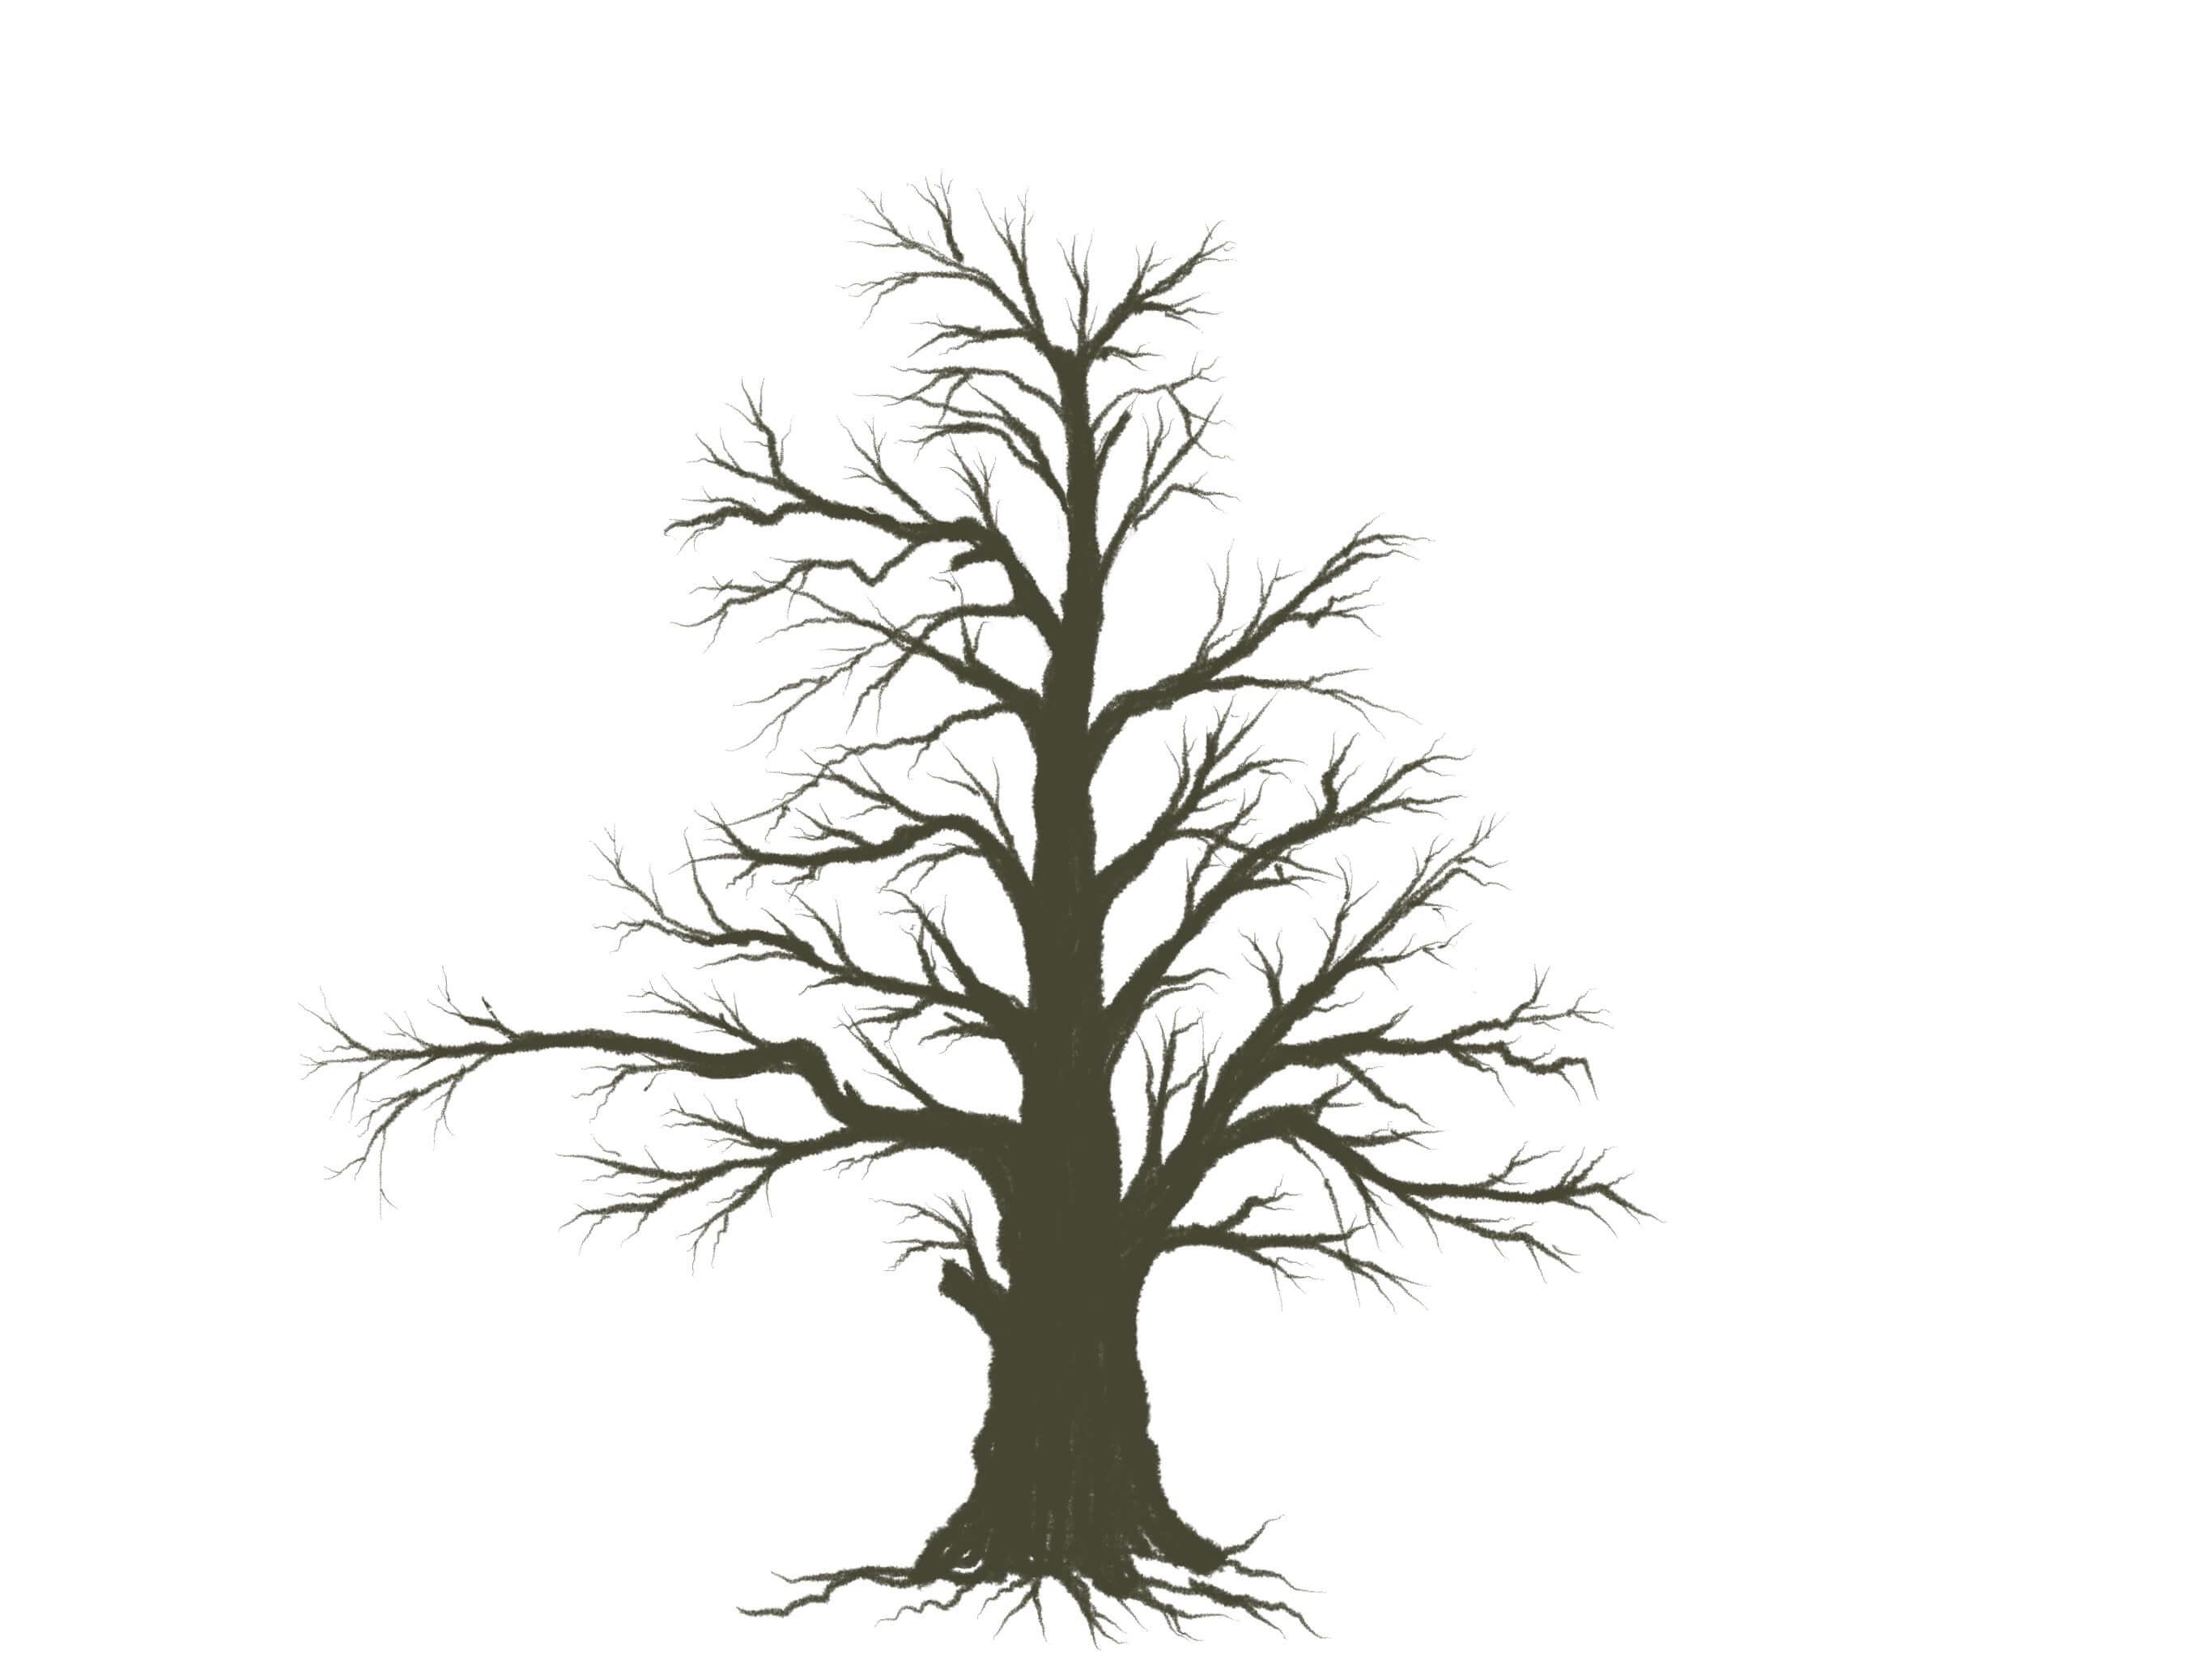 木の描き方下描き不要バランスの良い木がサクッと描けてしまう枝ぶり